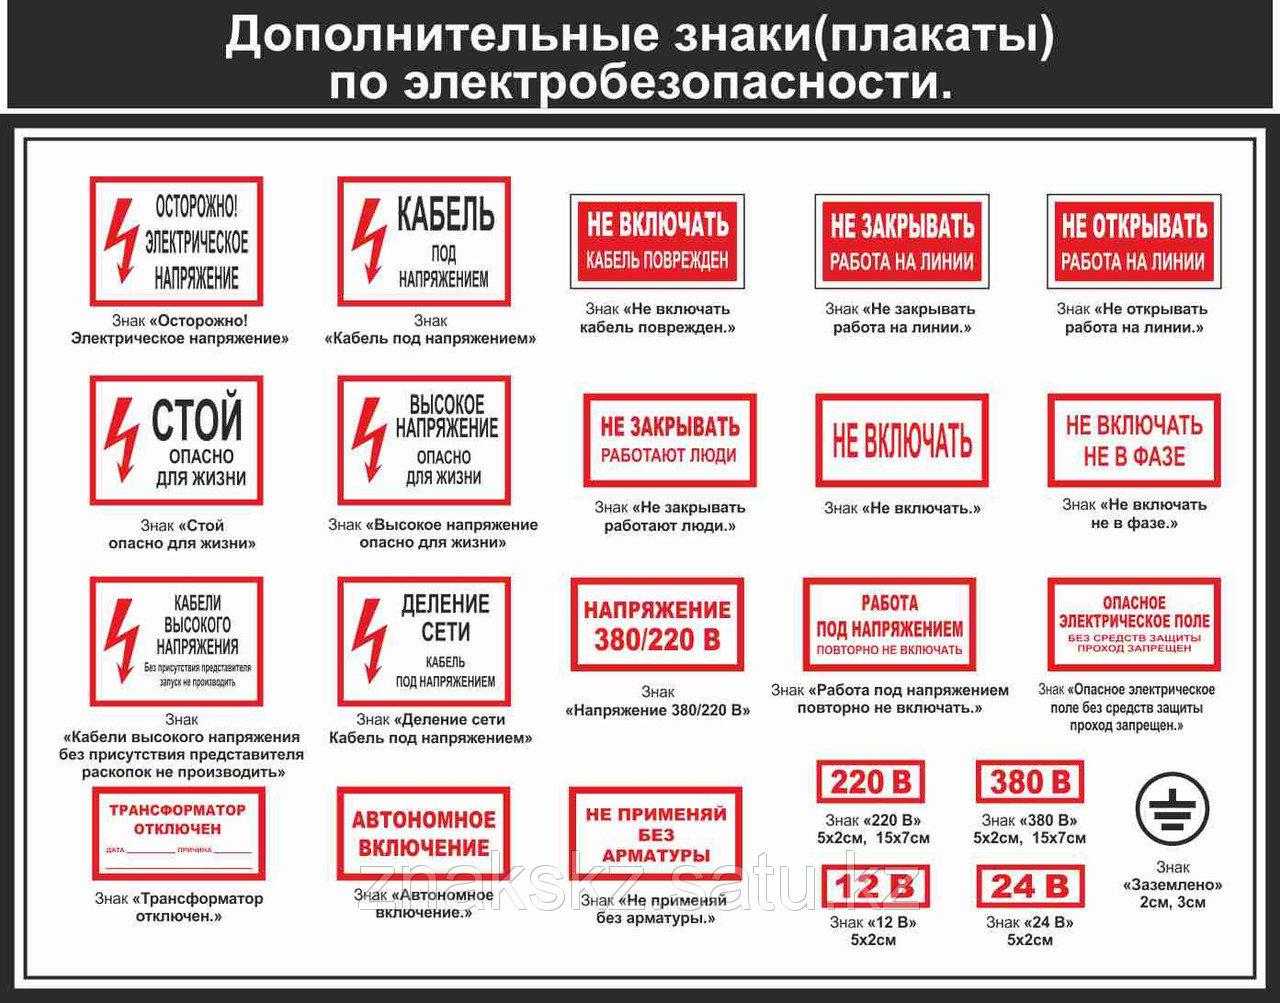 Описание и гост знаков по безопасности в электроустановках и их разновидности